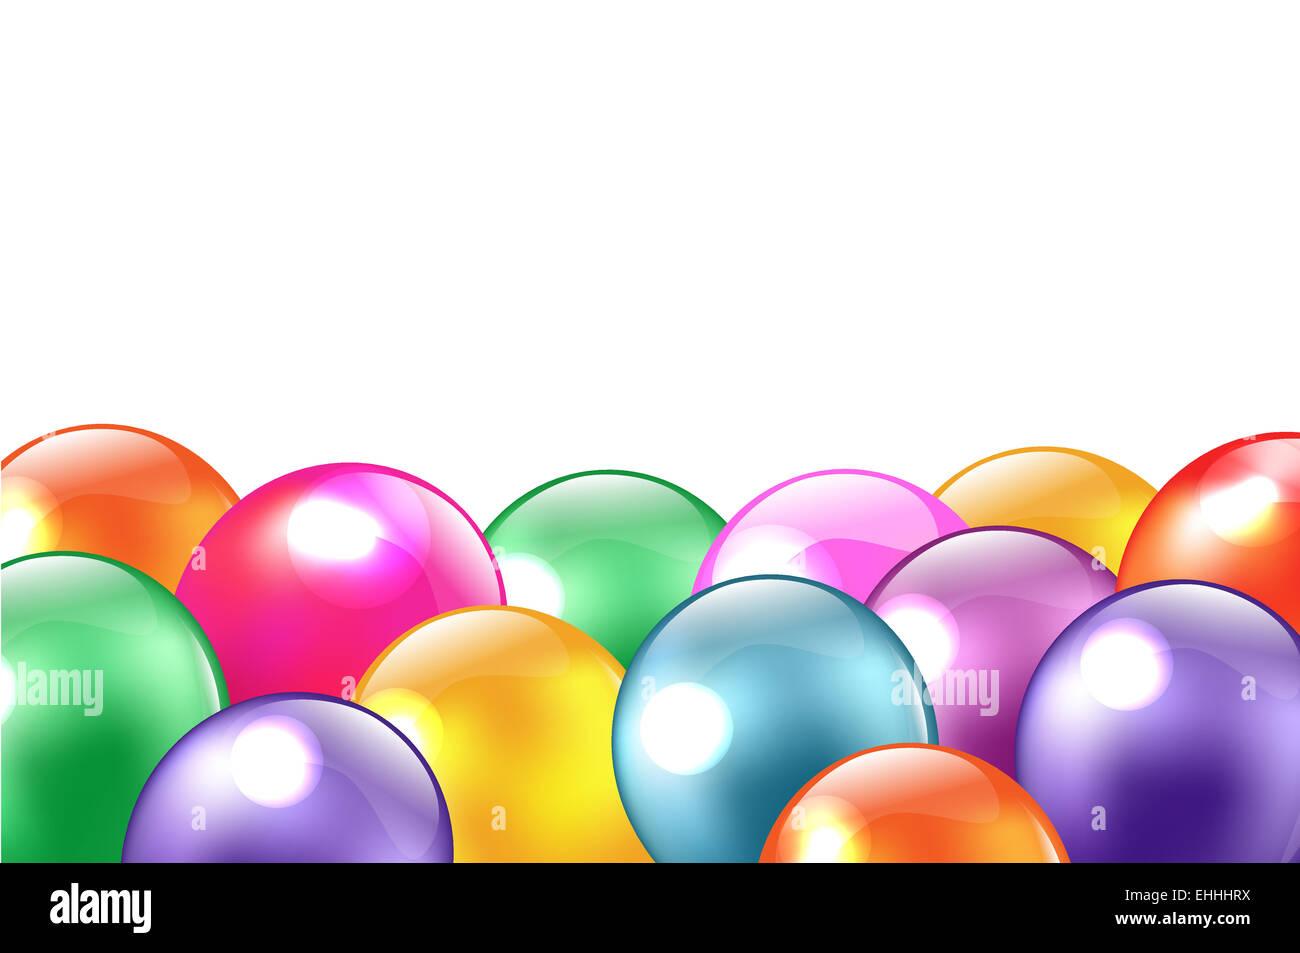 Balloon Border Stockfotos & Balloon Border Bilder - Alamy